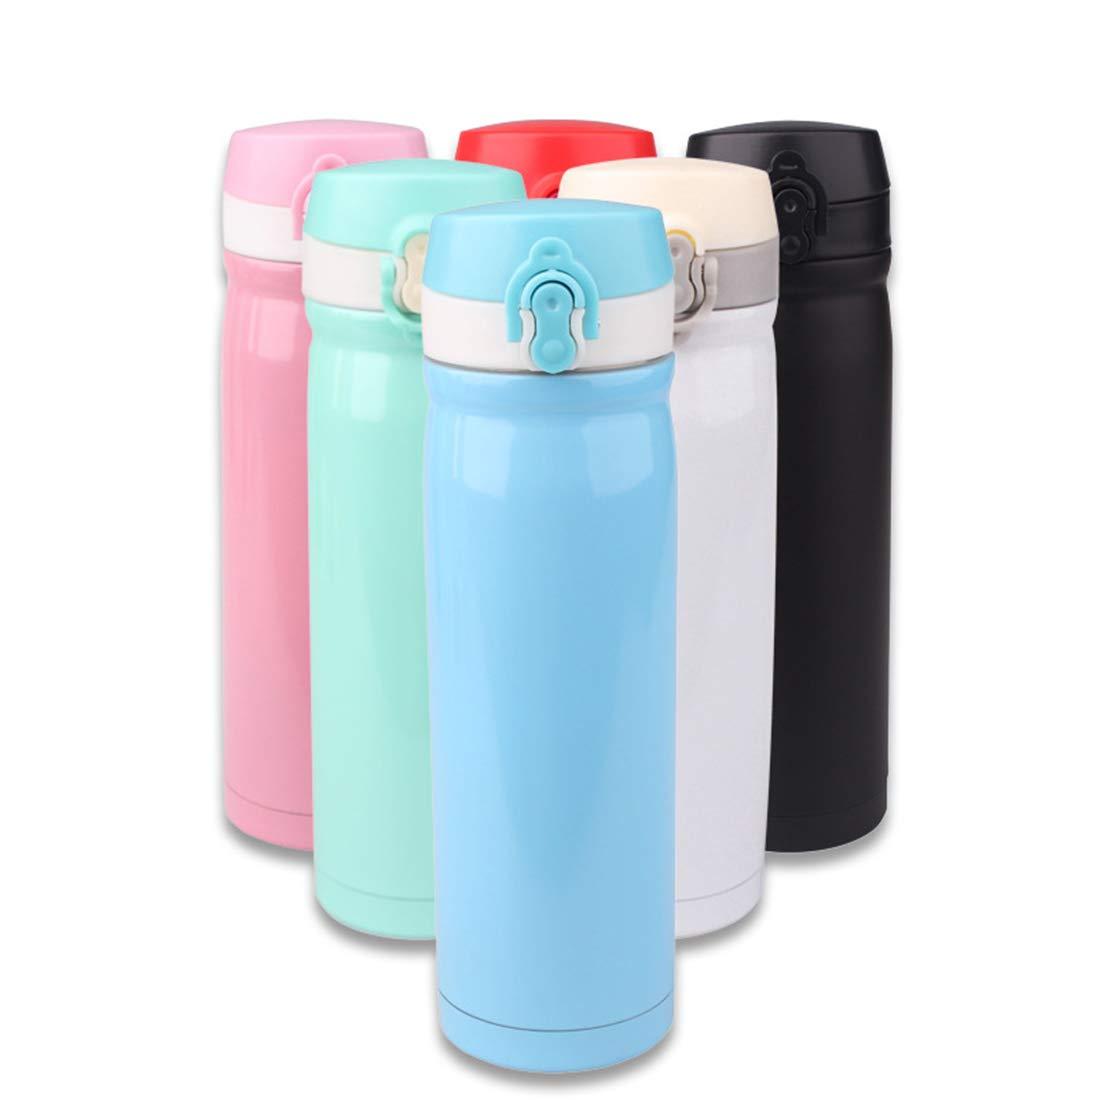 SHIZHESHOP Edelstahl-Vakuumflasche Bounce Motion Cup B07MD37MK3 B07MD37MK3 B07MD37MK3 | Ideales Geschenk für alle Gelegenheiten  d2f9ac